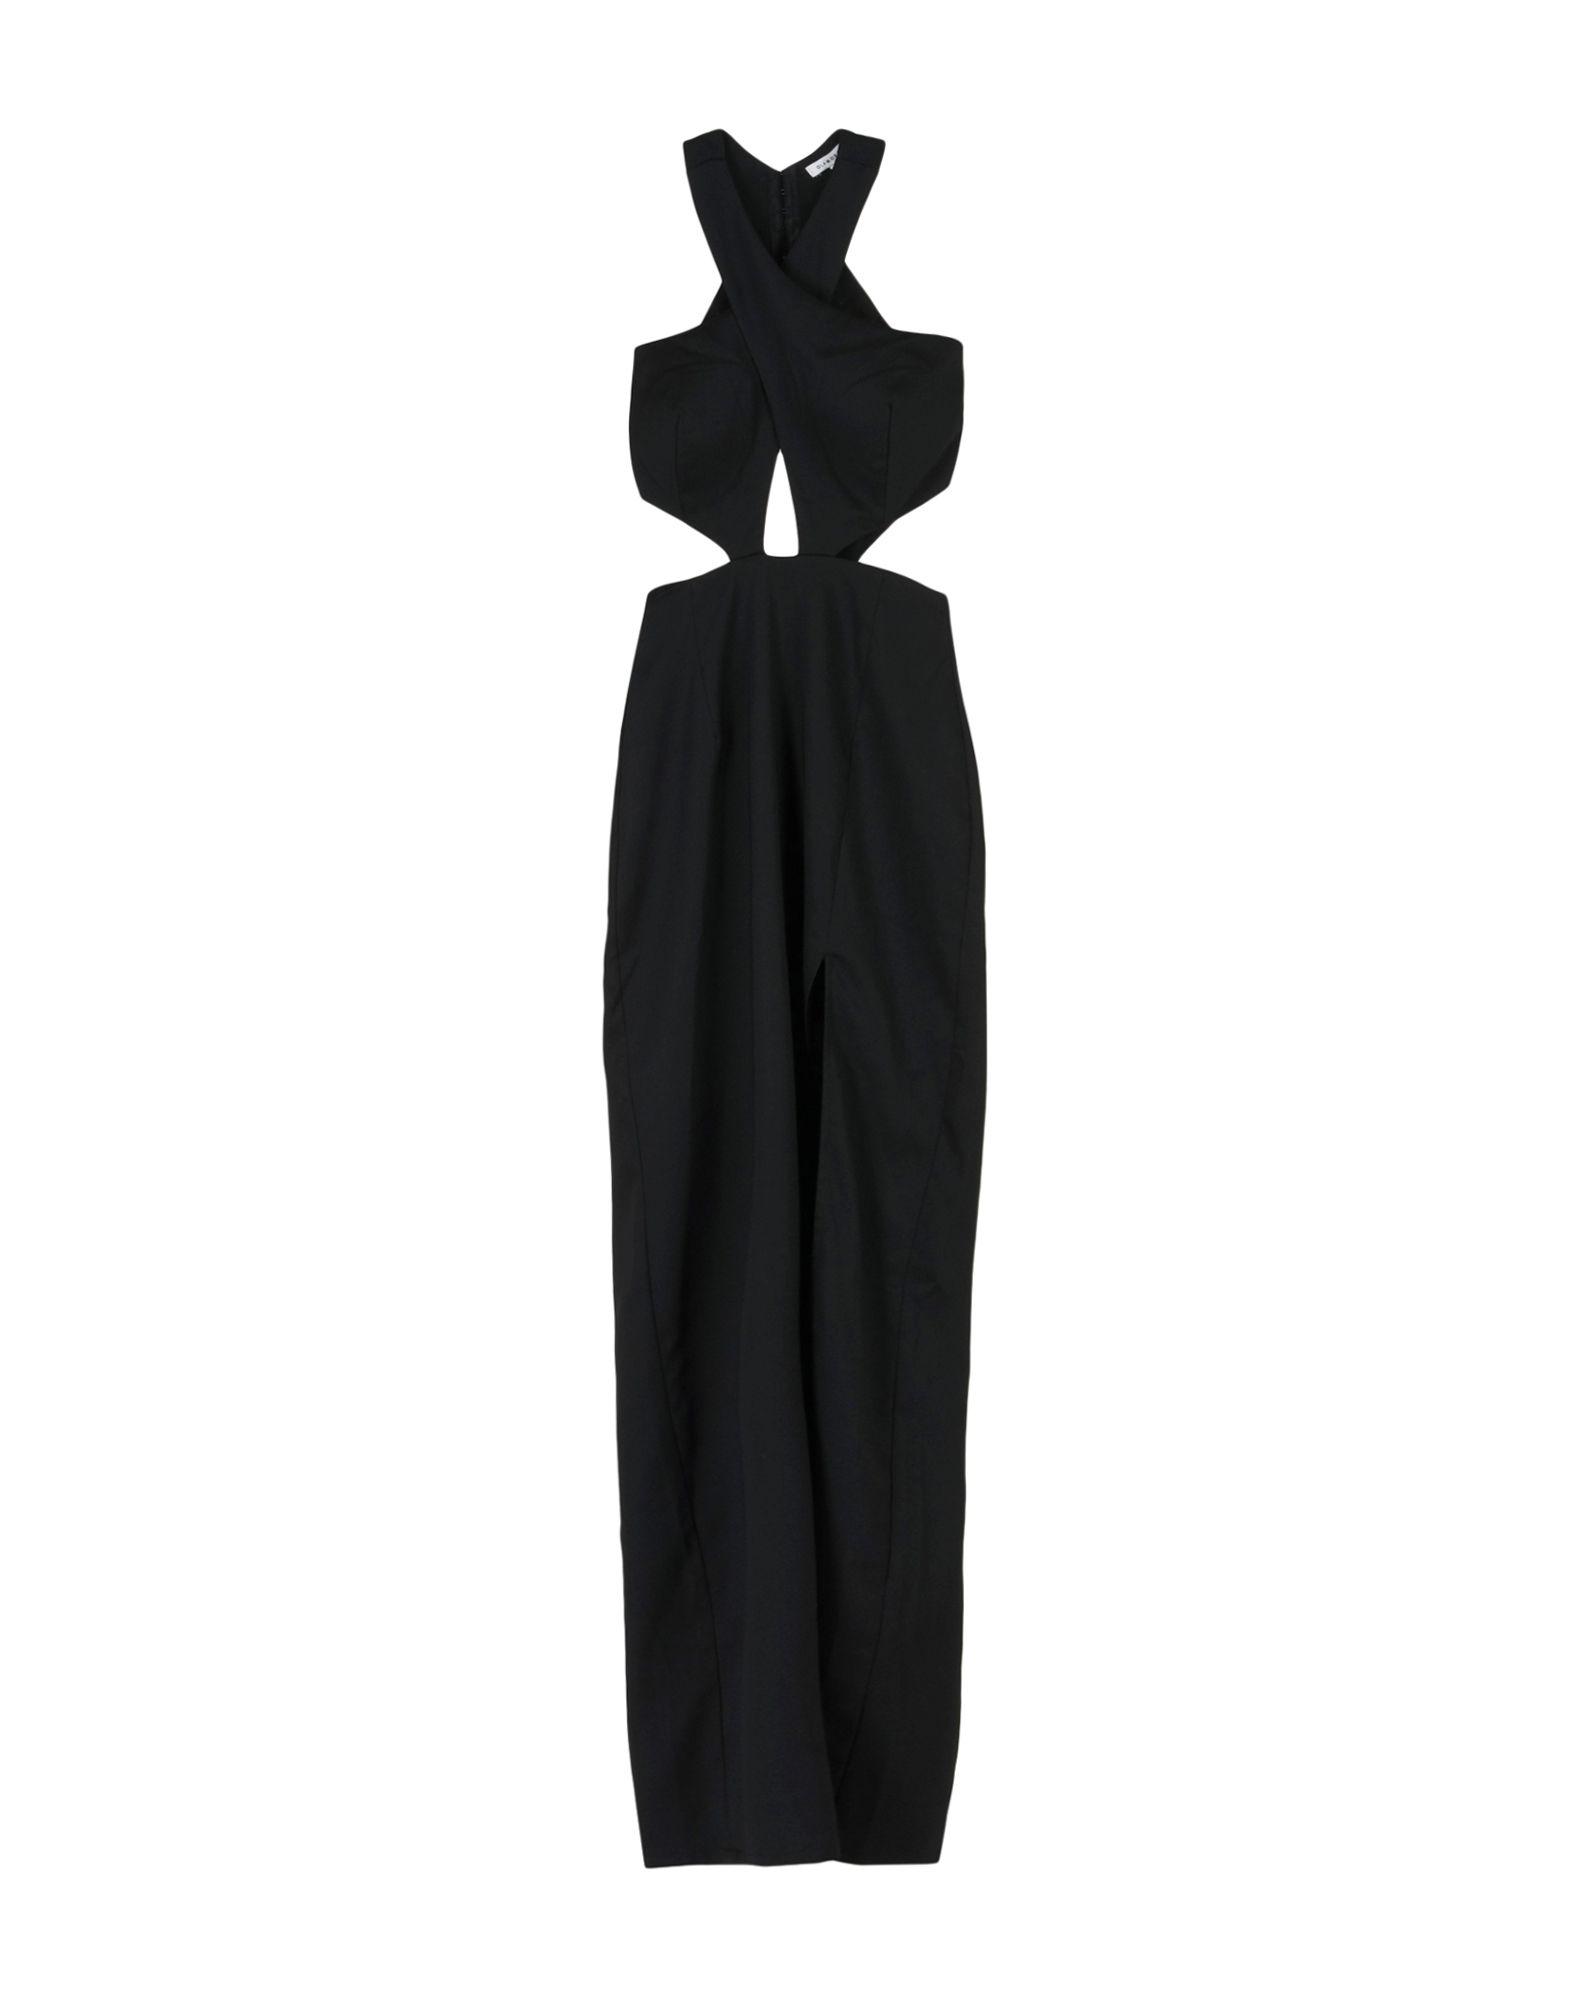 GLAMOROUS Длинное платье платье короткое спереди длинное сзади летнее